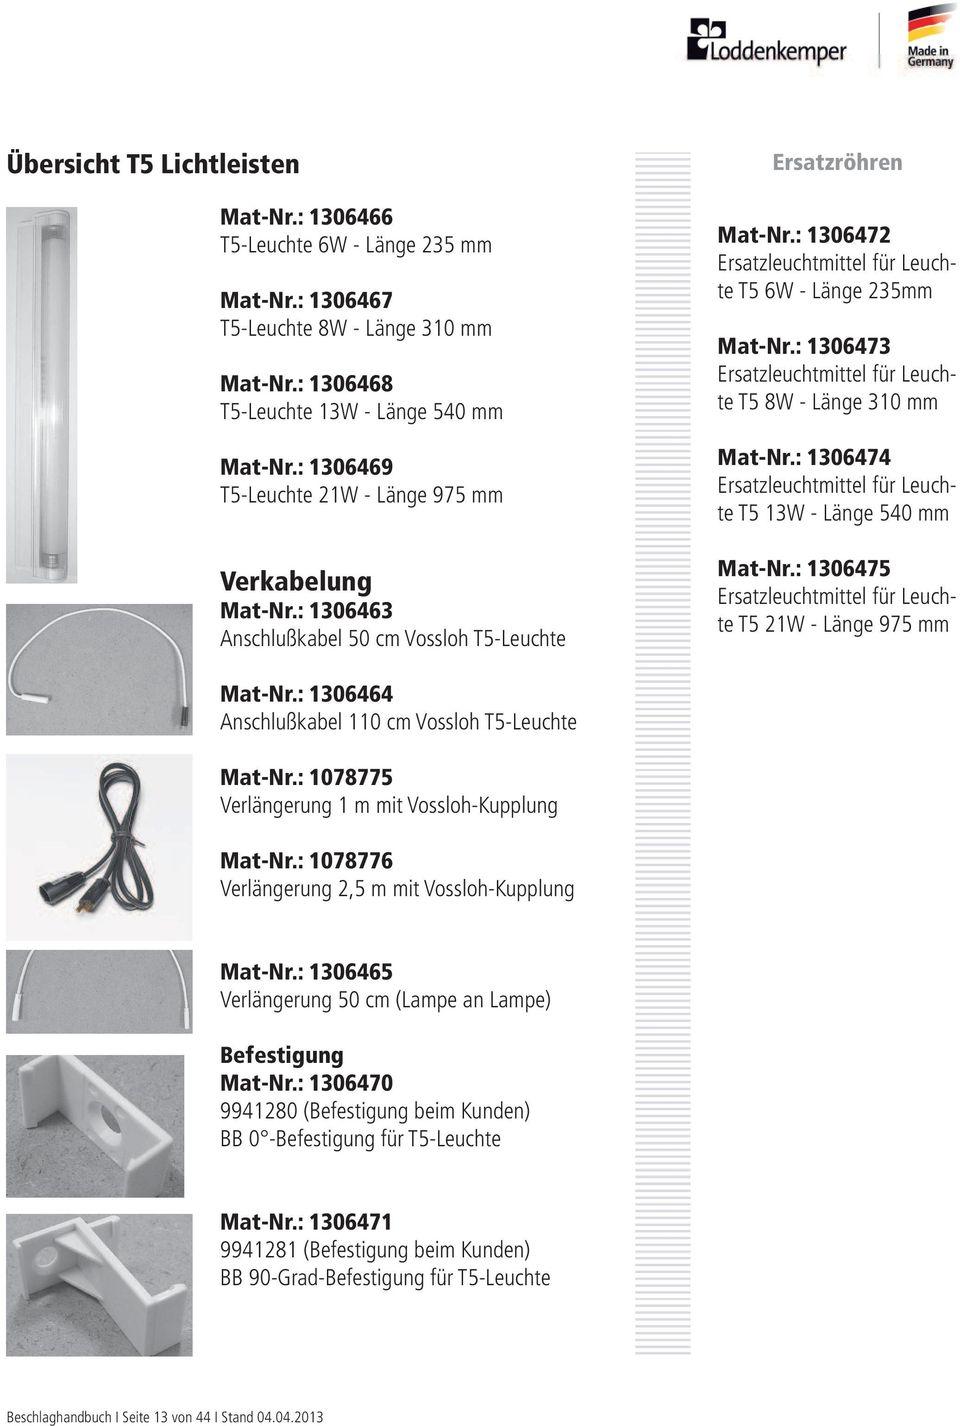 Full Size of Loddenkemper Navaro Bett Kommode Schlafzimmer Schrank Beschlaghandbuch Beleuchtung Pdf Free Download Wohnzimmer Loddenkemper Navaro